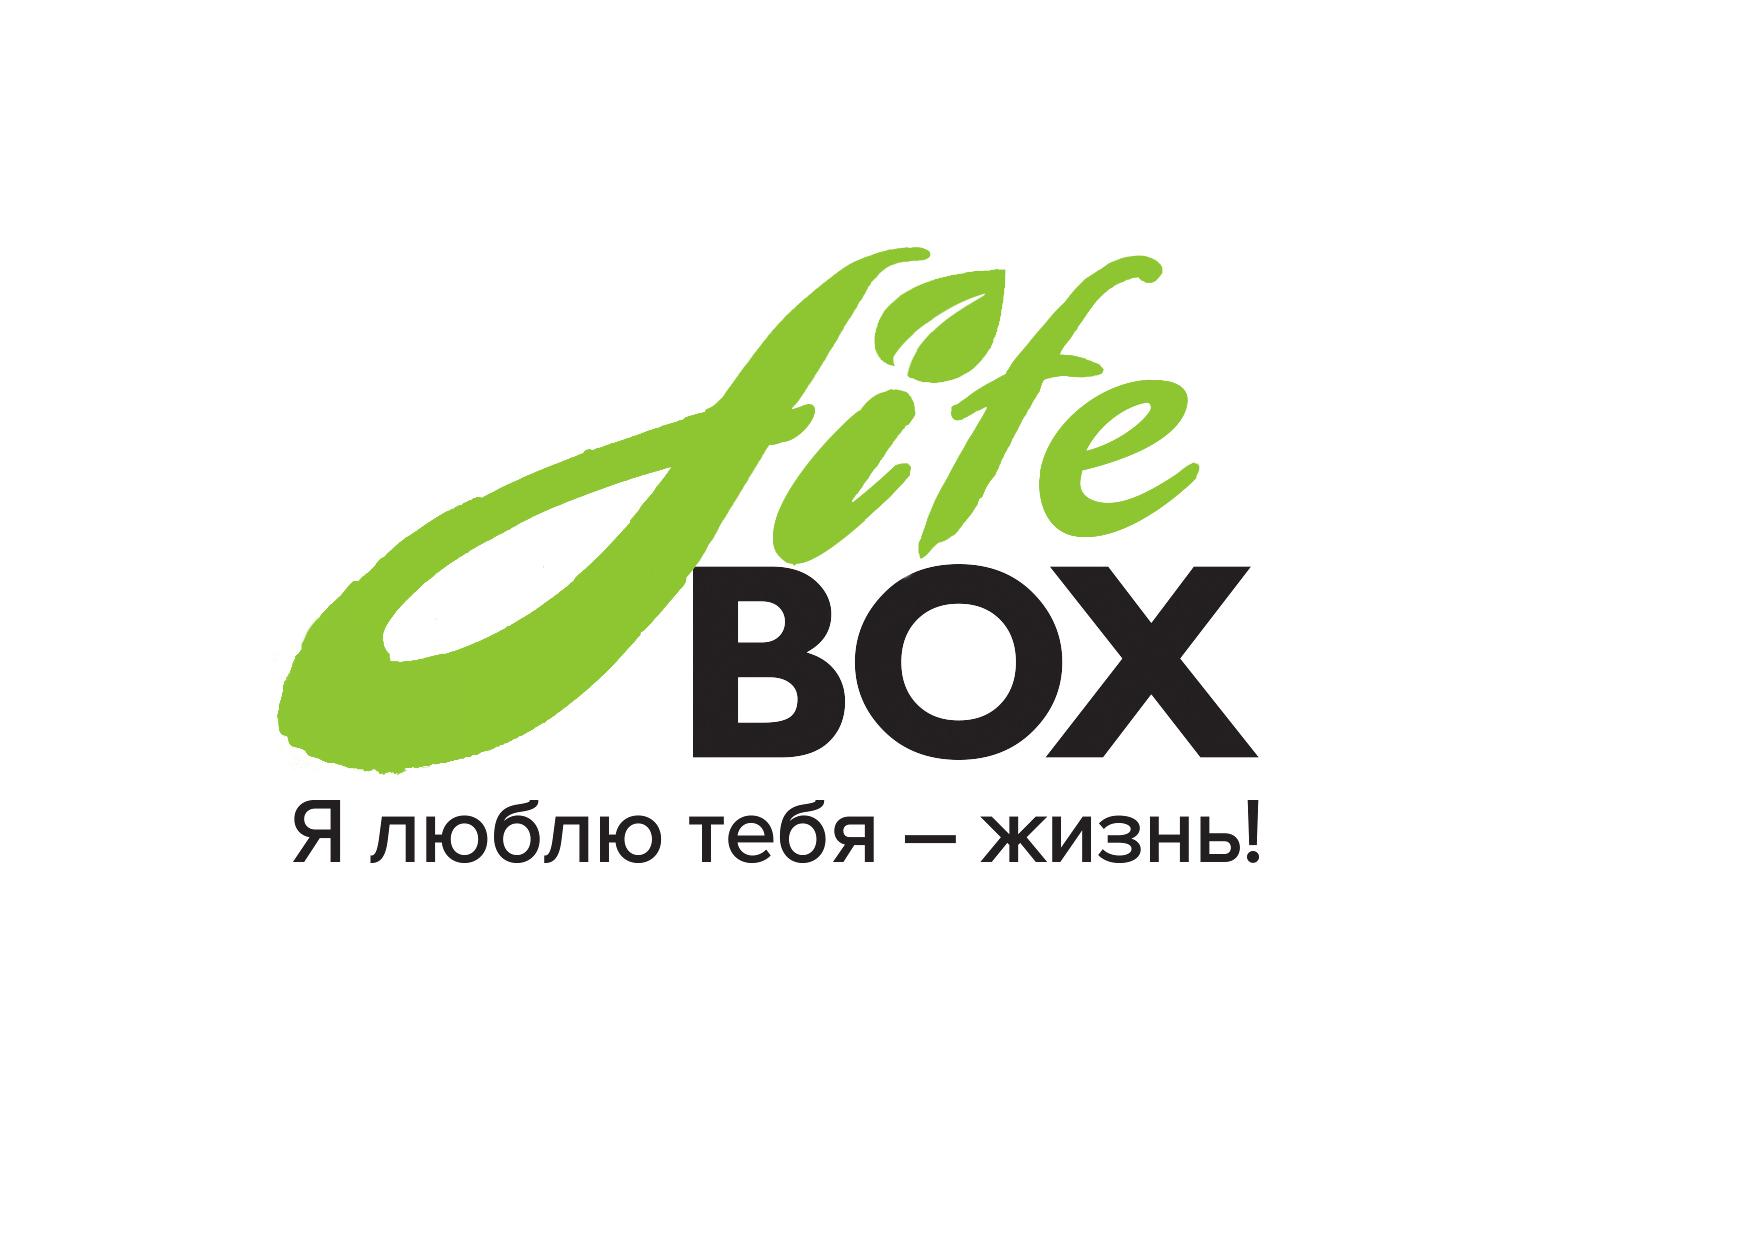 Разработка Логотипа. Победитель получит расширеный заказ  фото f_3235c4d08ea7408b.jpg